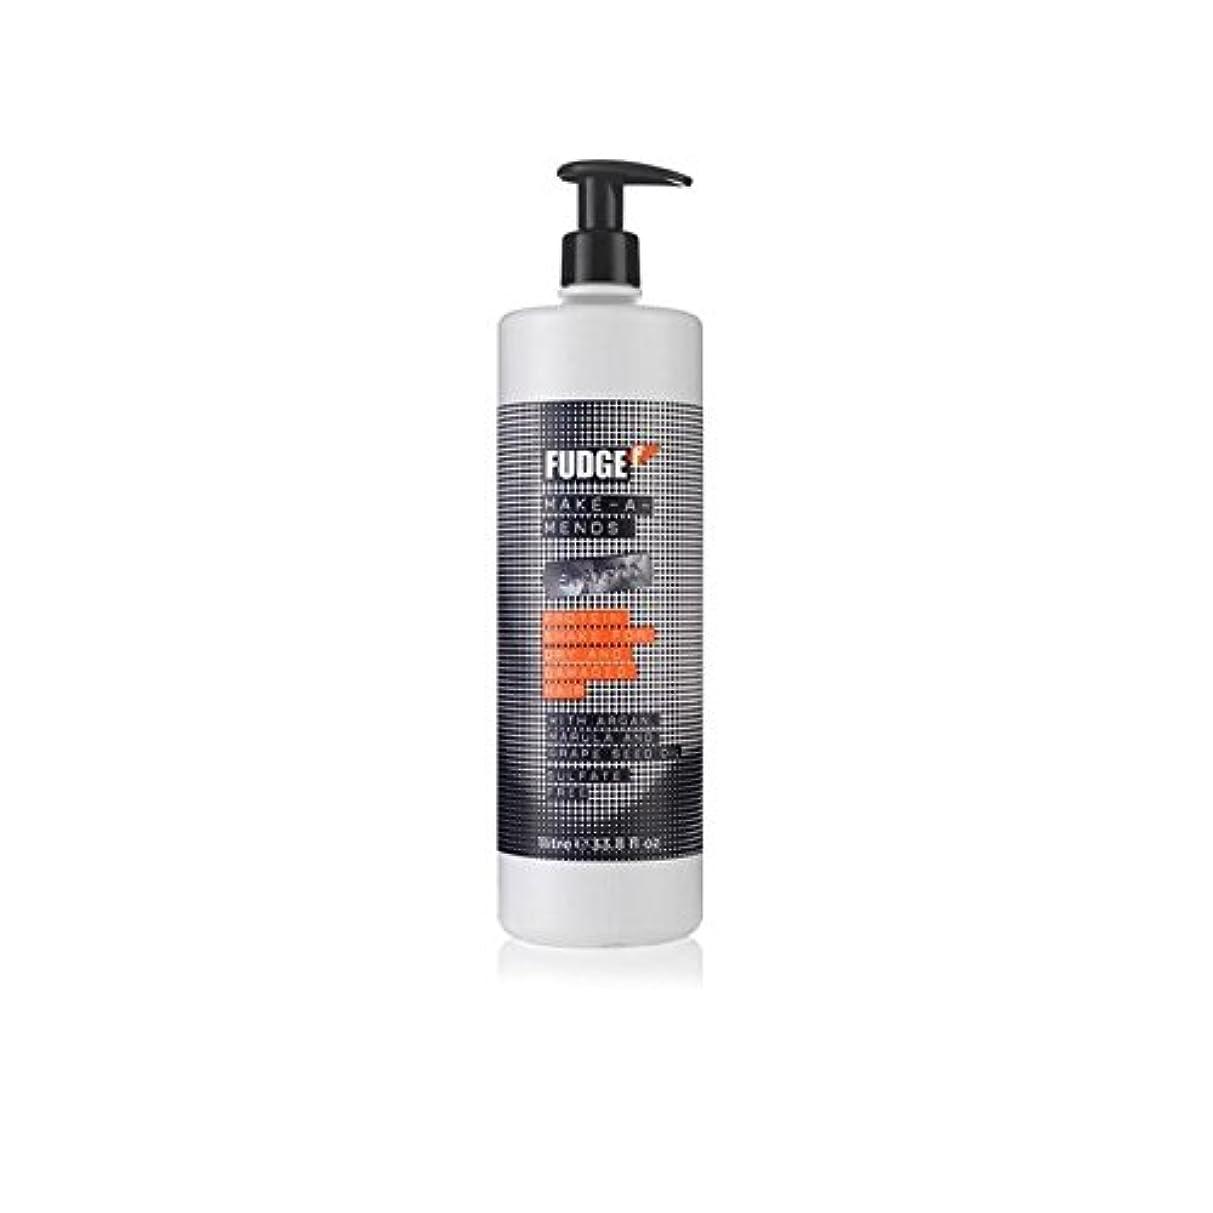 ファッジメイク-シャンプー(千ミリリットル) x2 - Fudge Make-A-Mends Shampoo (1000ml) (Pack of 2) [並行輸入品]